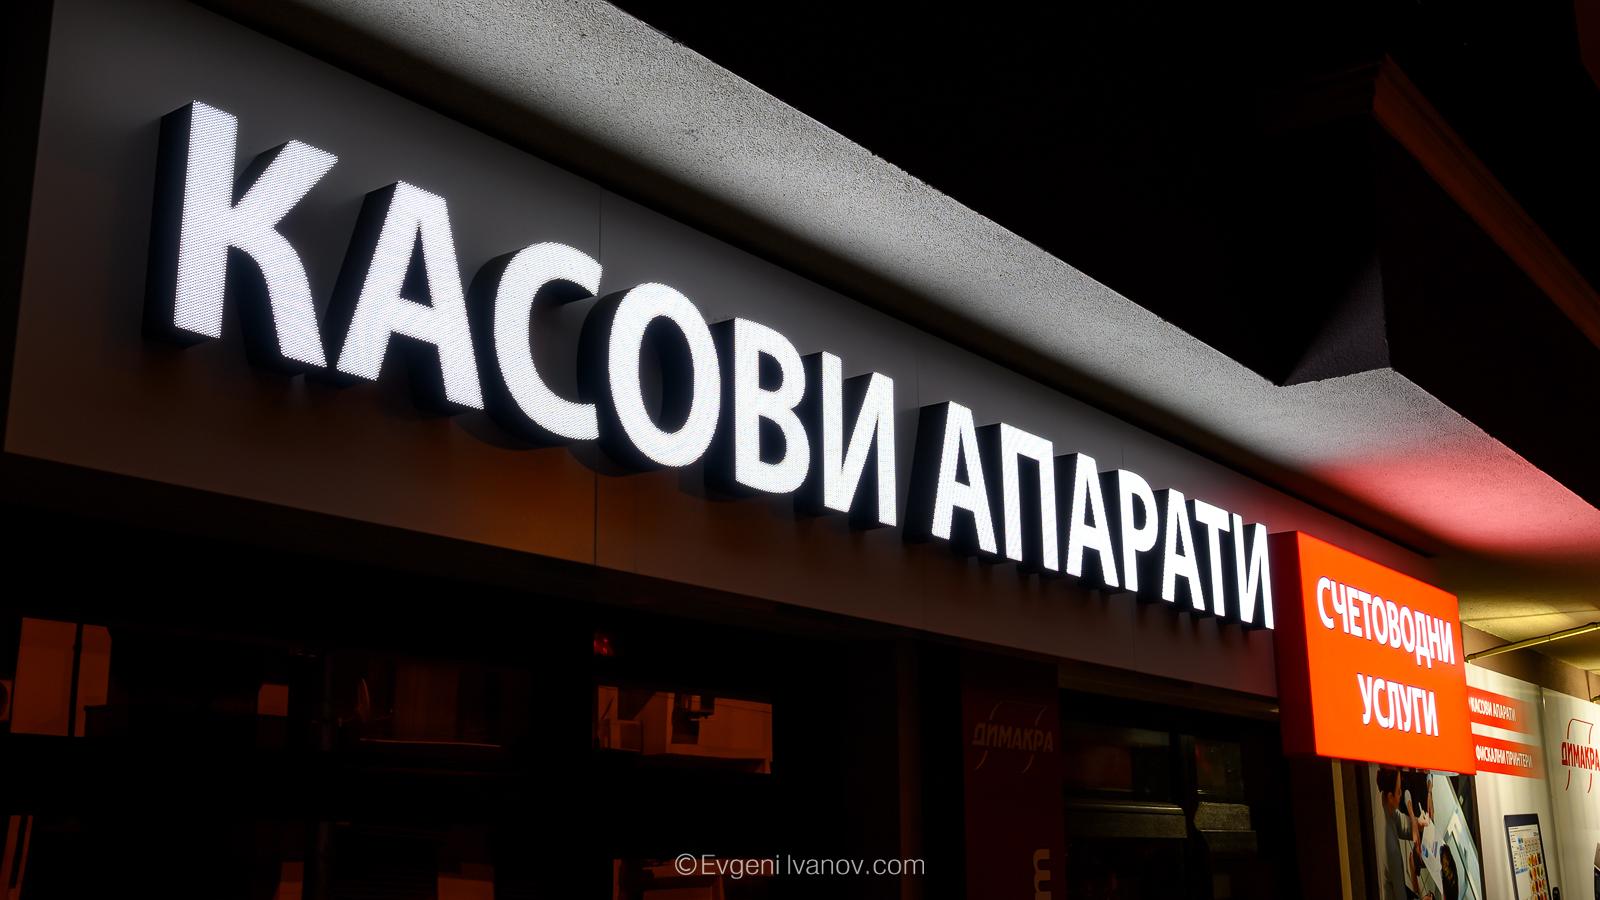 """Dimakra_фасадна реклама_светещи букви """"Ден и нощ"""""""